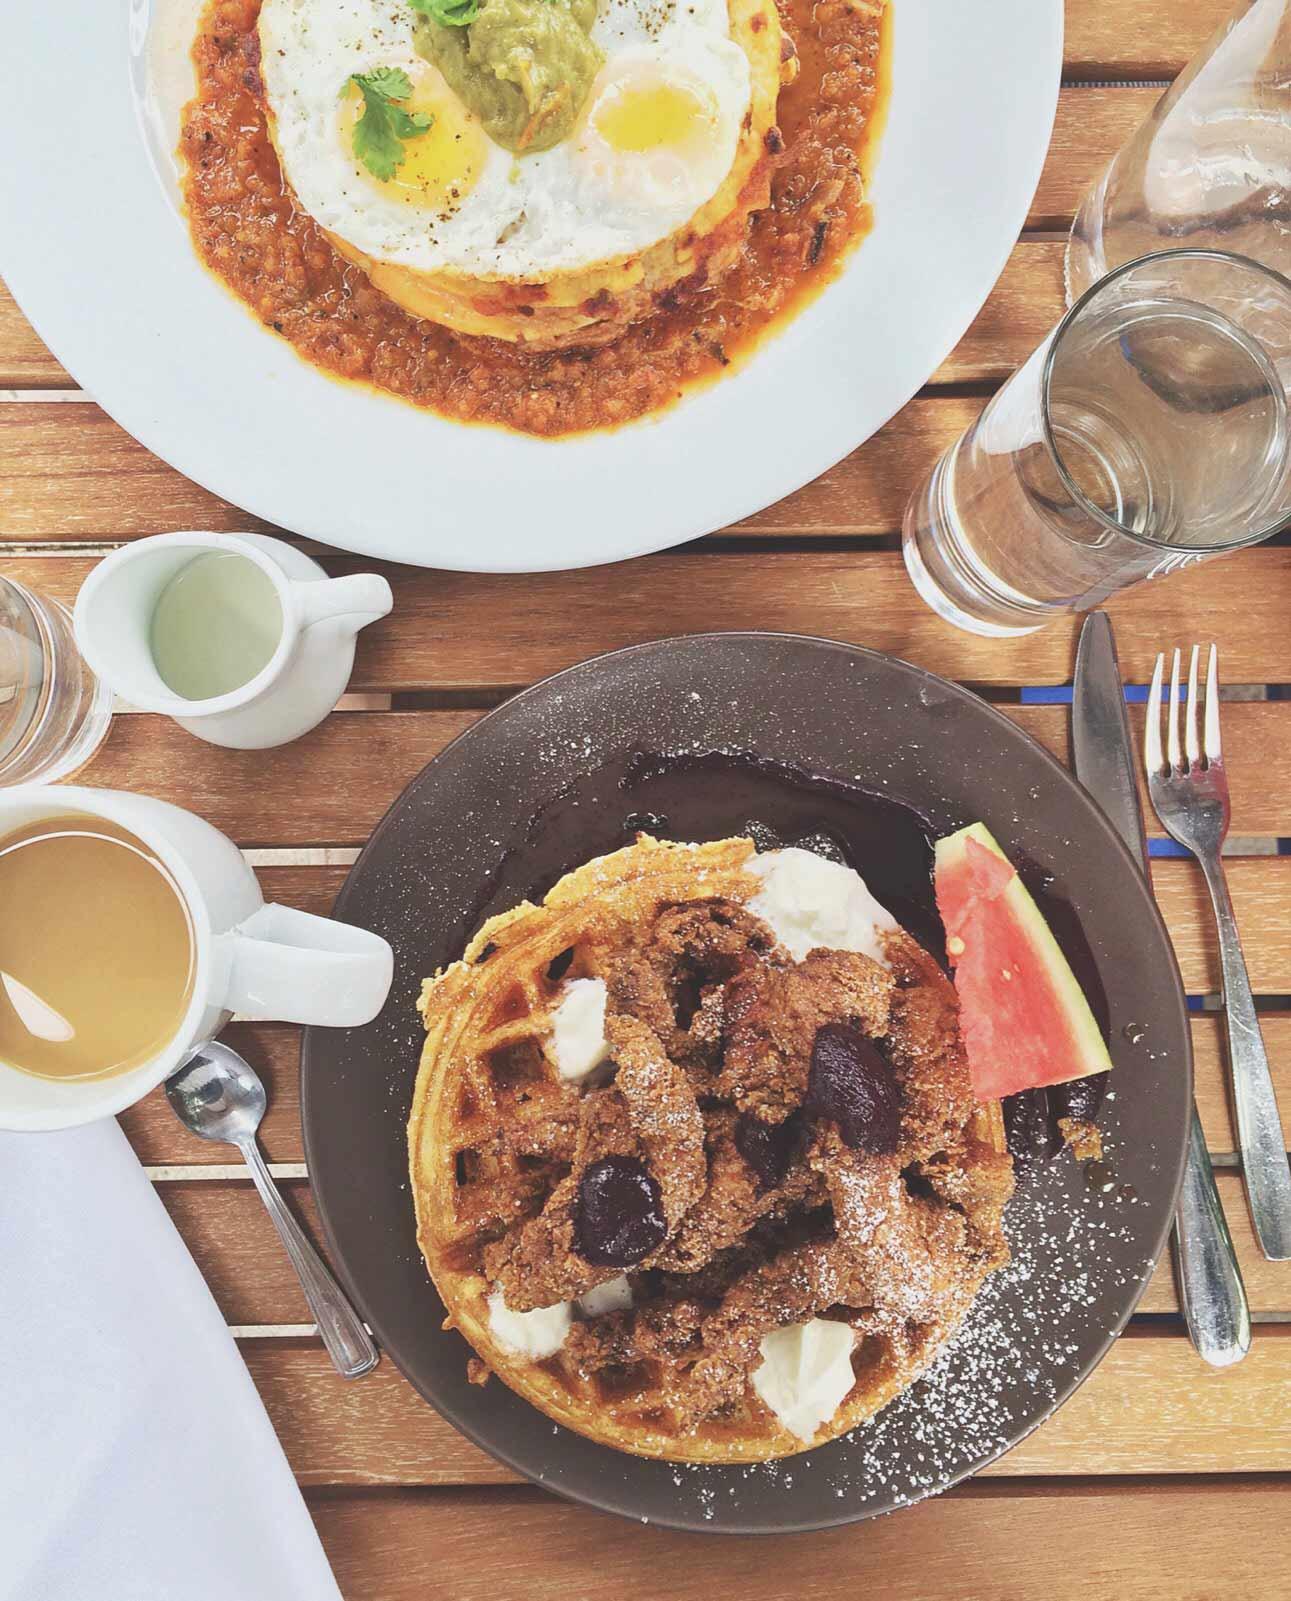 Belmont-Bistro-Chicken-Waffles